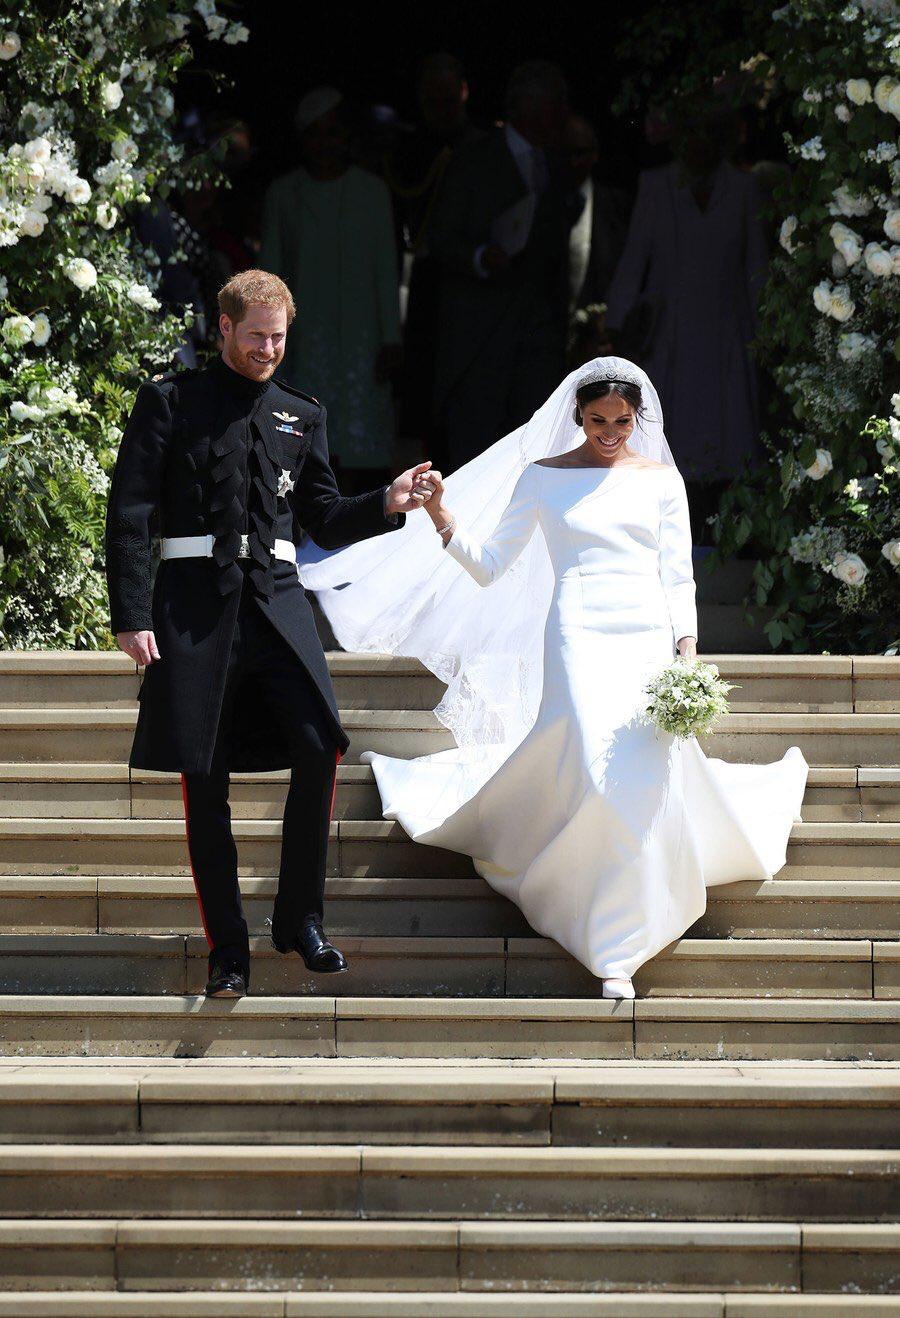 Pin Von Terrie Zuleger Auf Prince Harry And Meghan Prinz Harry Hochzeit Konigliche Hochzeitskleider Meghan Markle Hochzeit